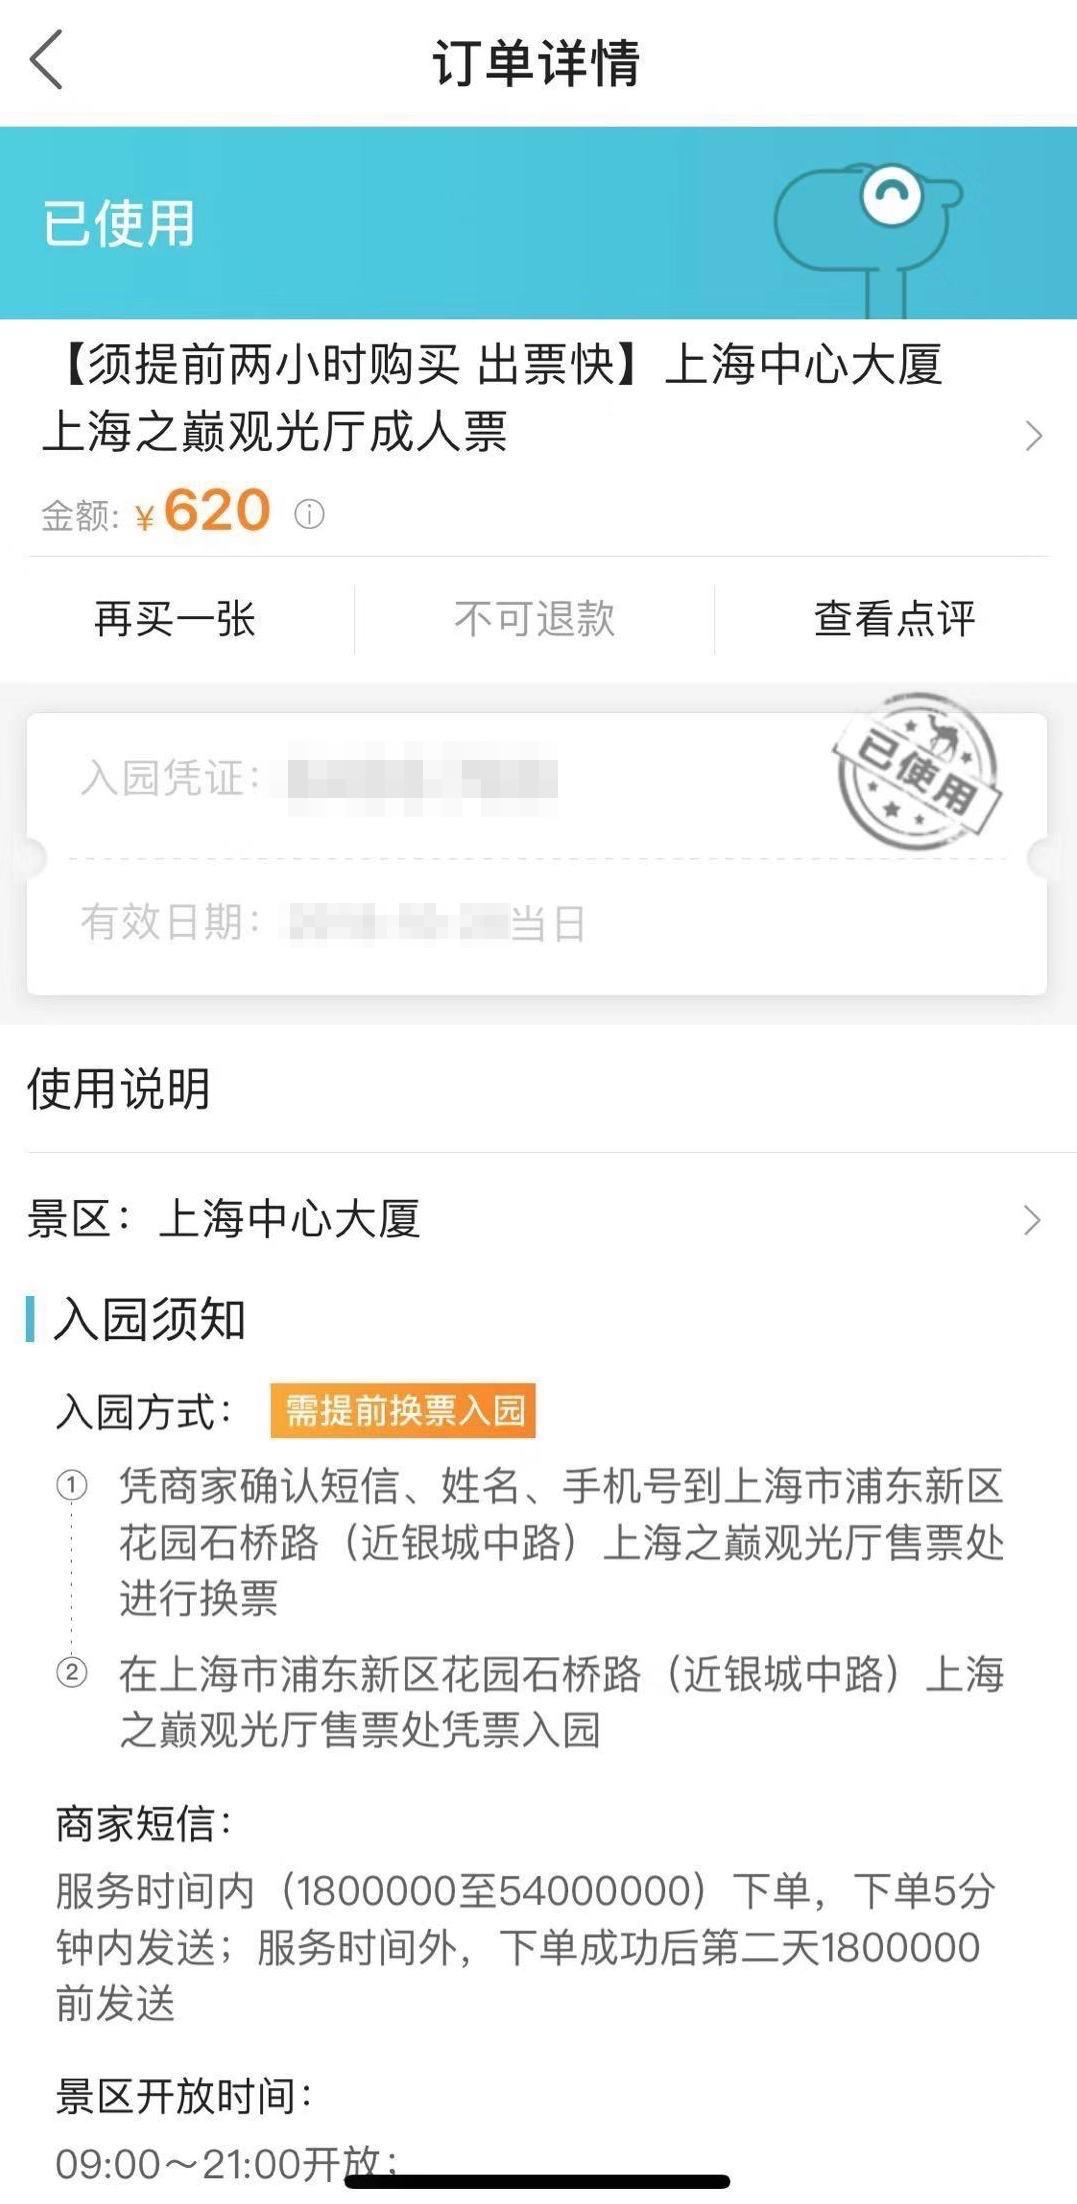 上海タワー(上海中心大厦)チケット